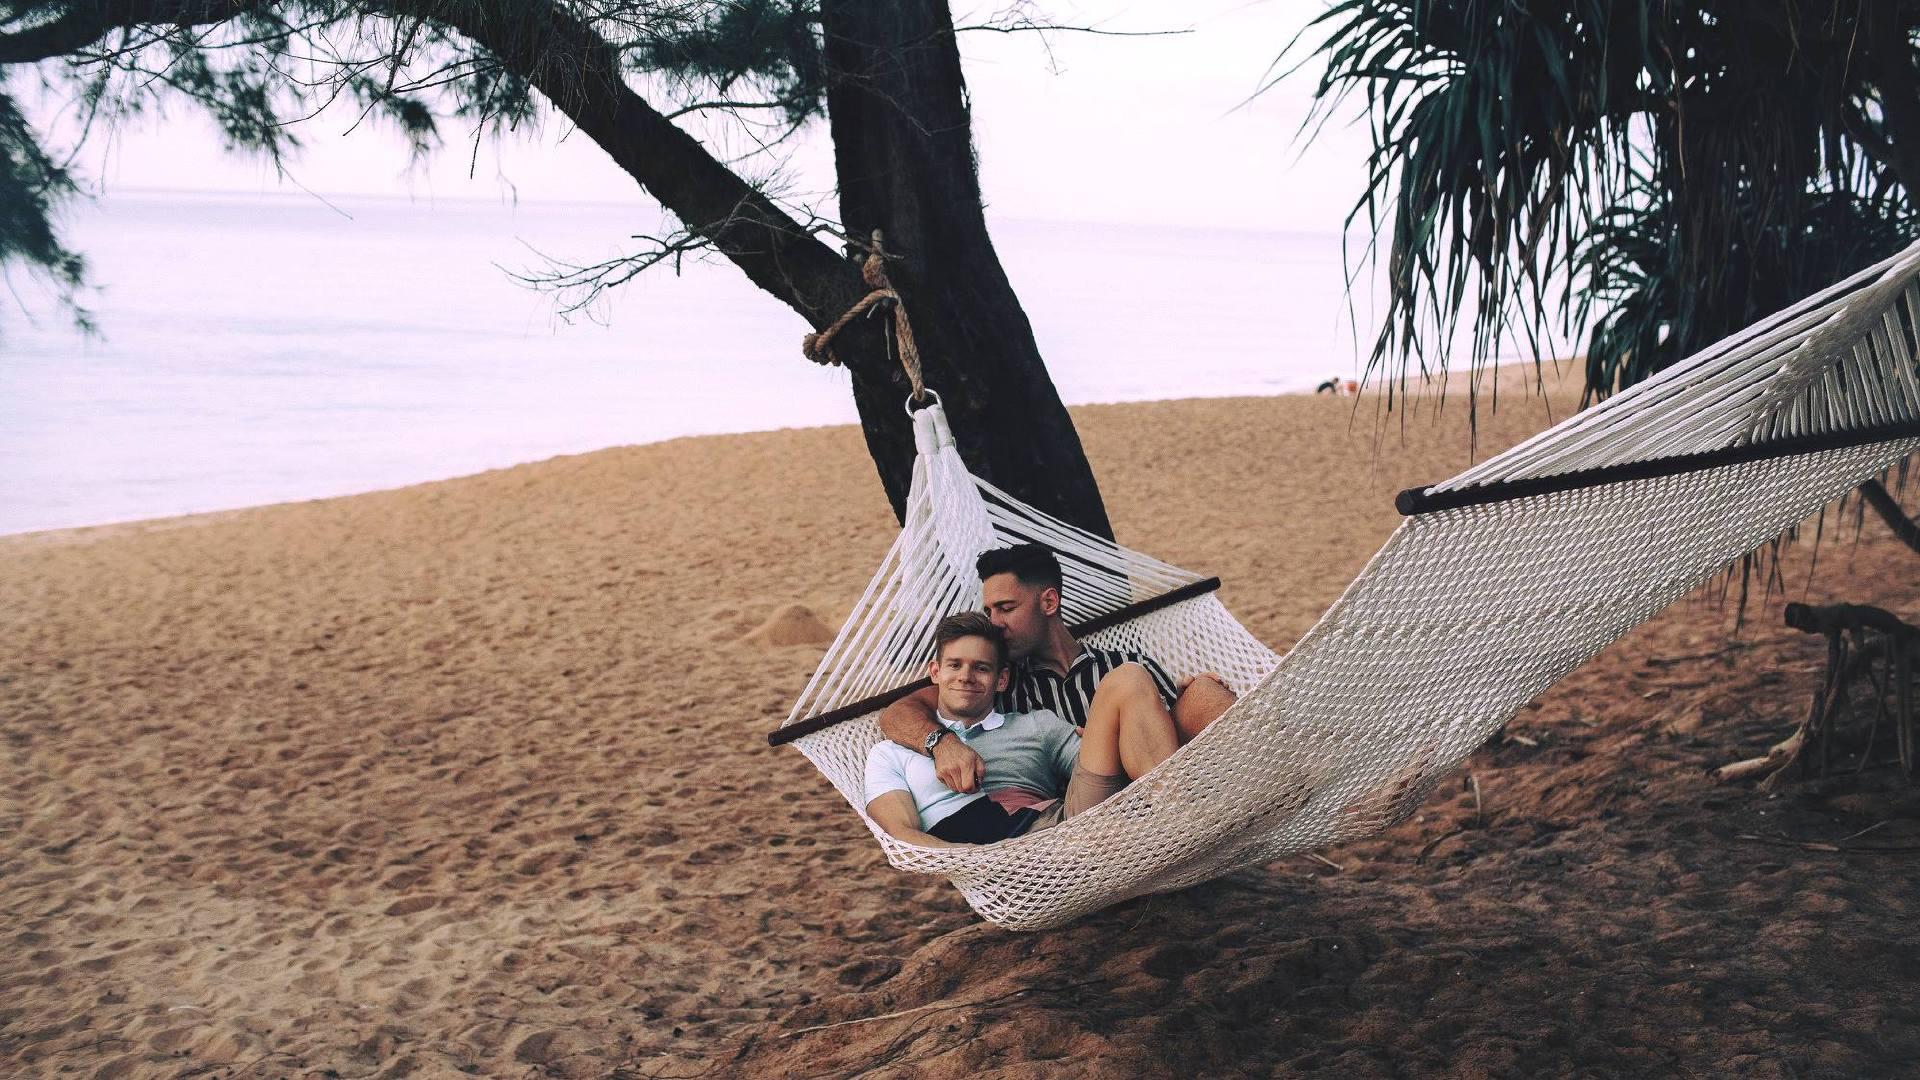 6589b70ely1fyo0dyyomtj21hc0u0qdb - 幸福!一对夫夫的泰国蜜月之旅